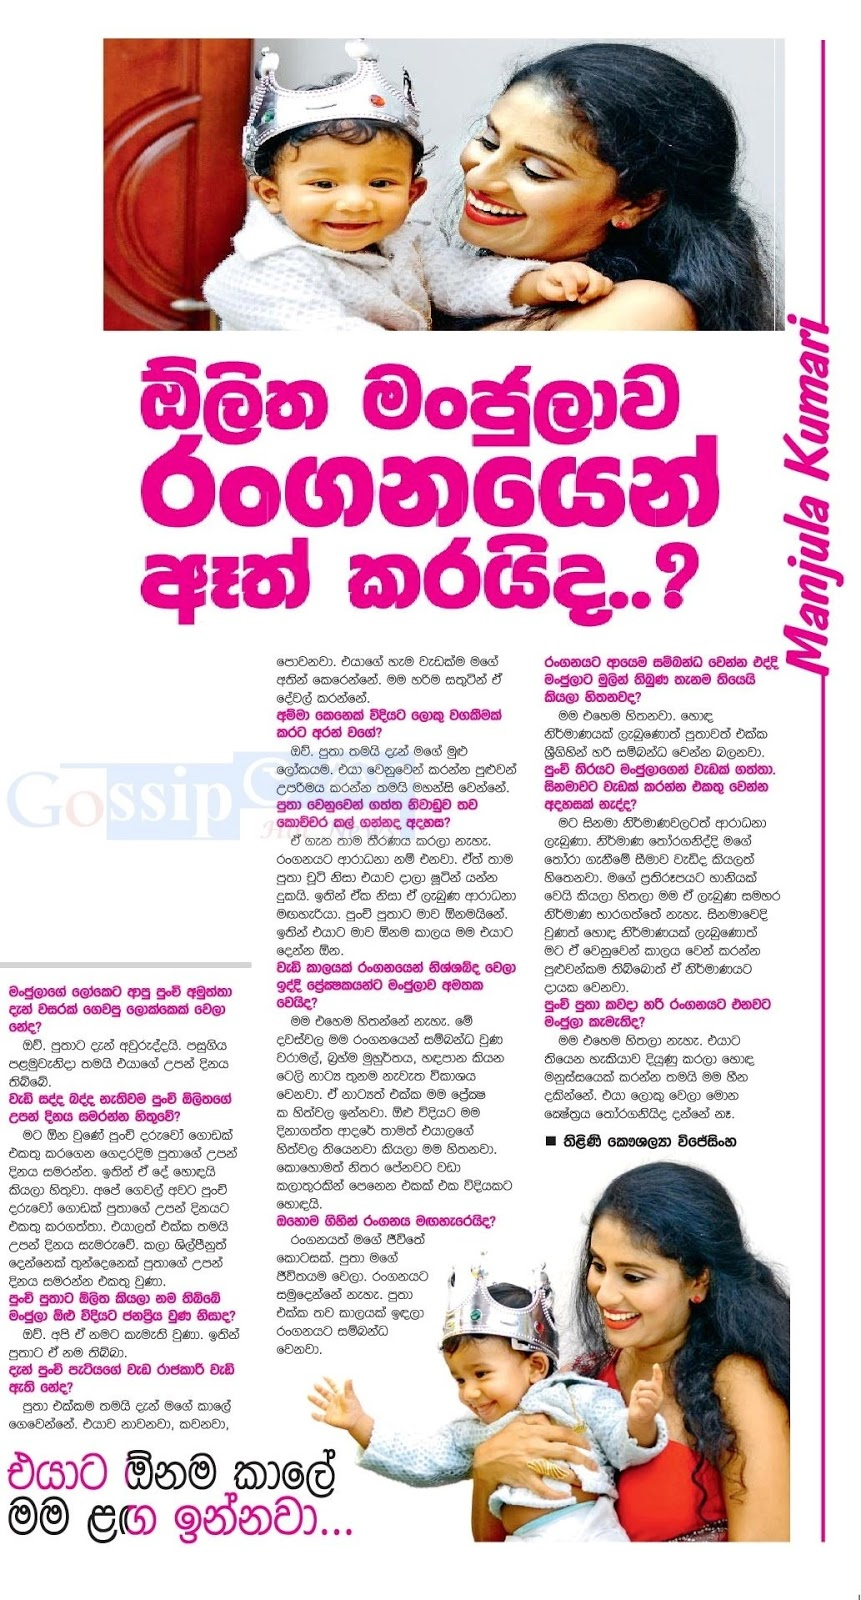 ඕලුගේ පුතා - Gossip Chat With Manjula Kumari | Sri Lanka